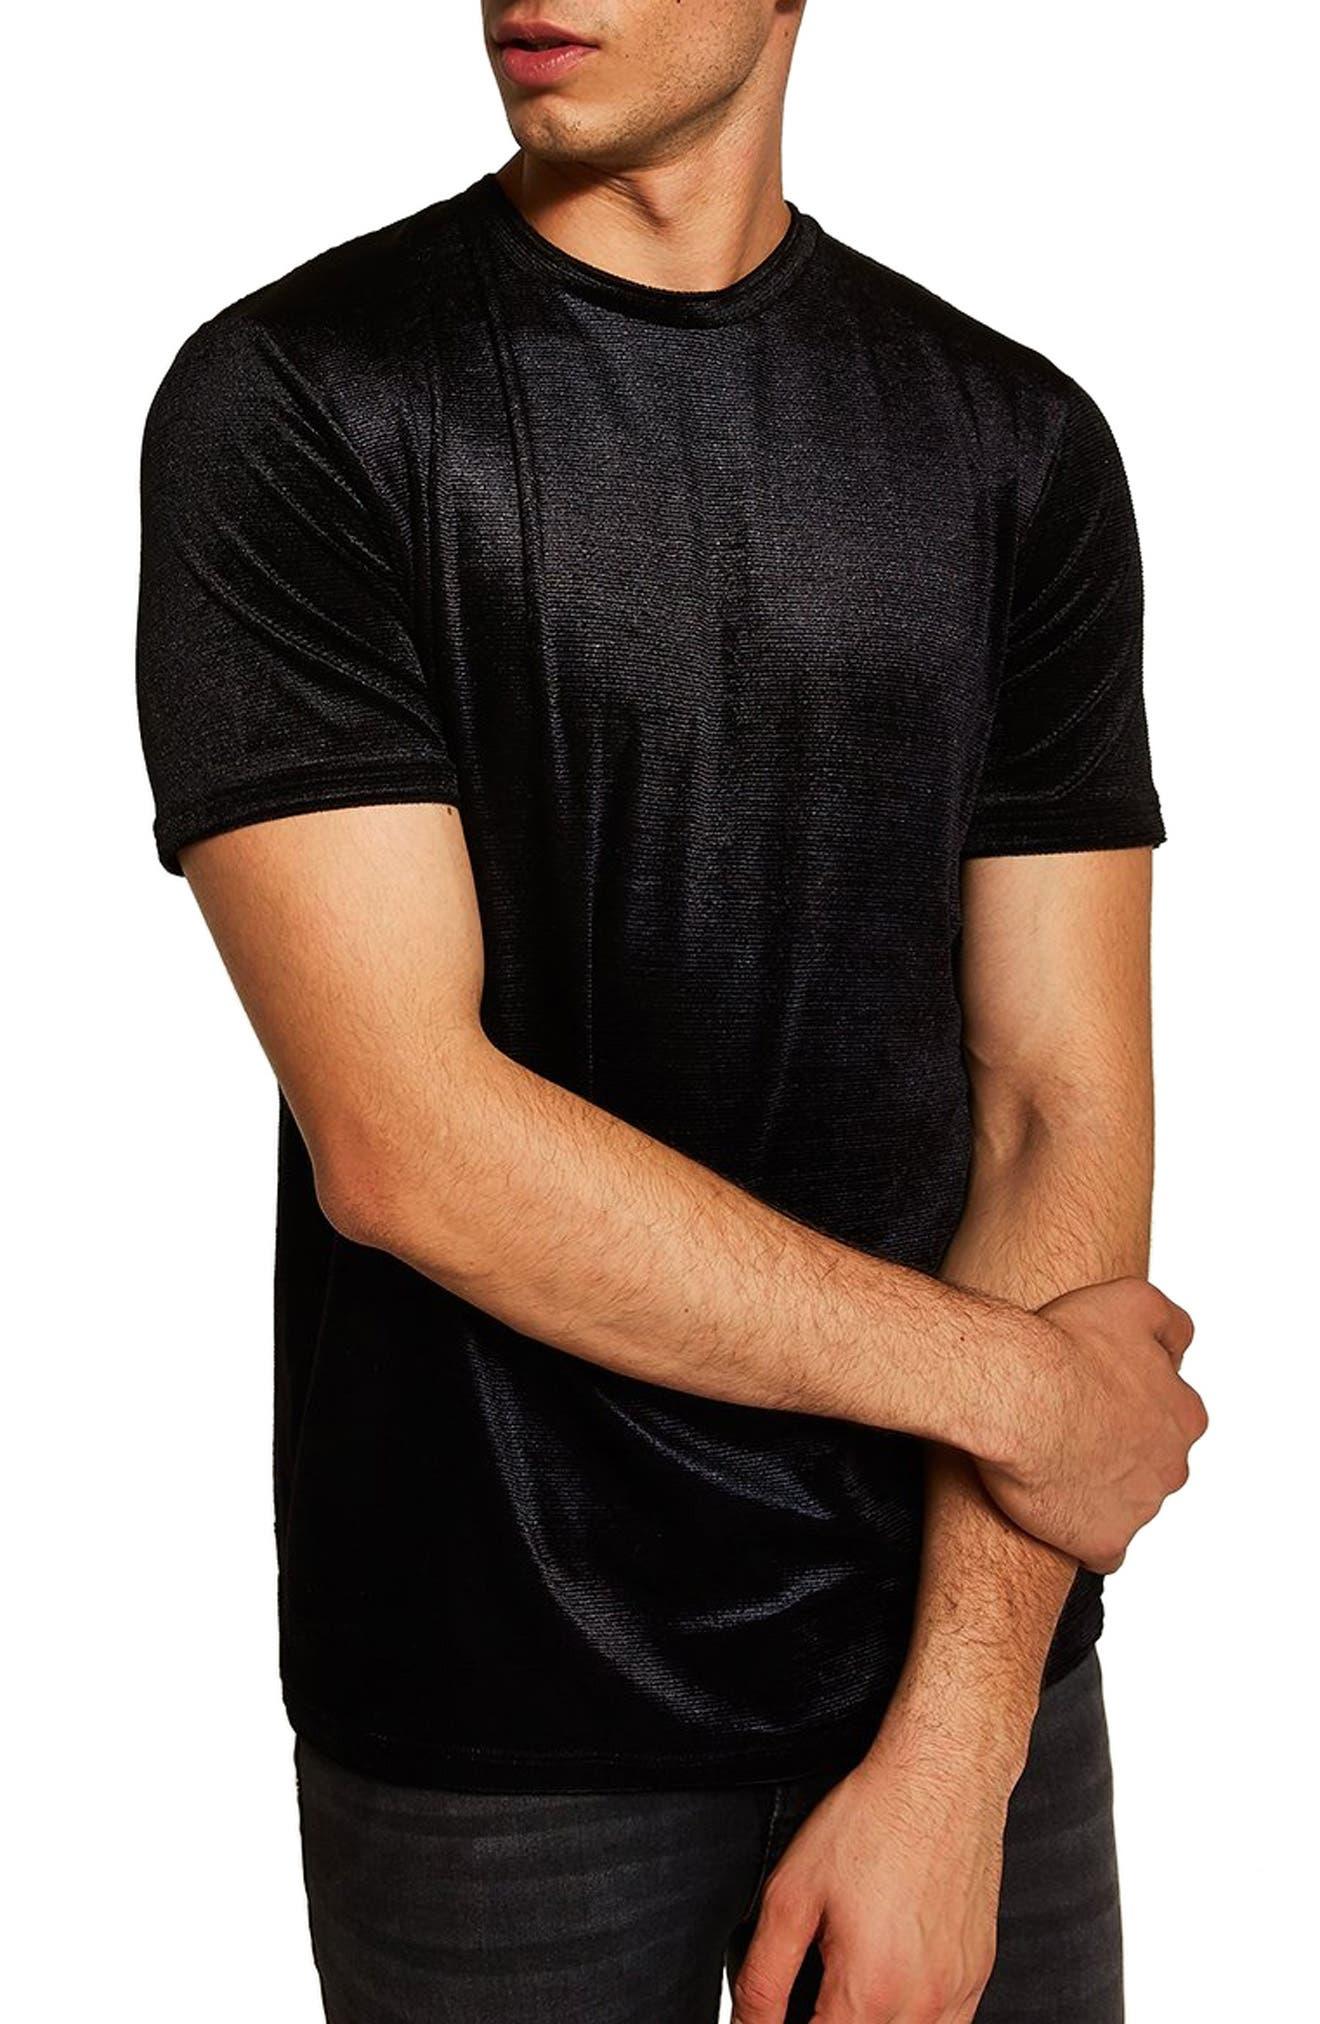 Topshop Velour Classic Fit T-Shirt,                             Main thumbnail 1, color,                             BLACK